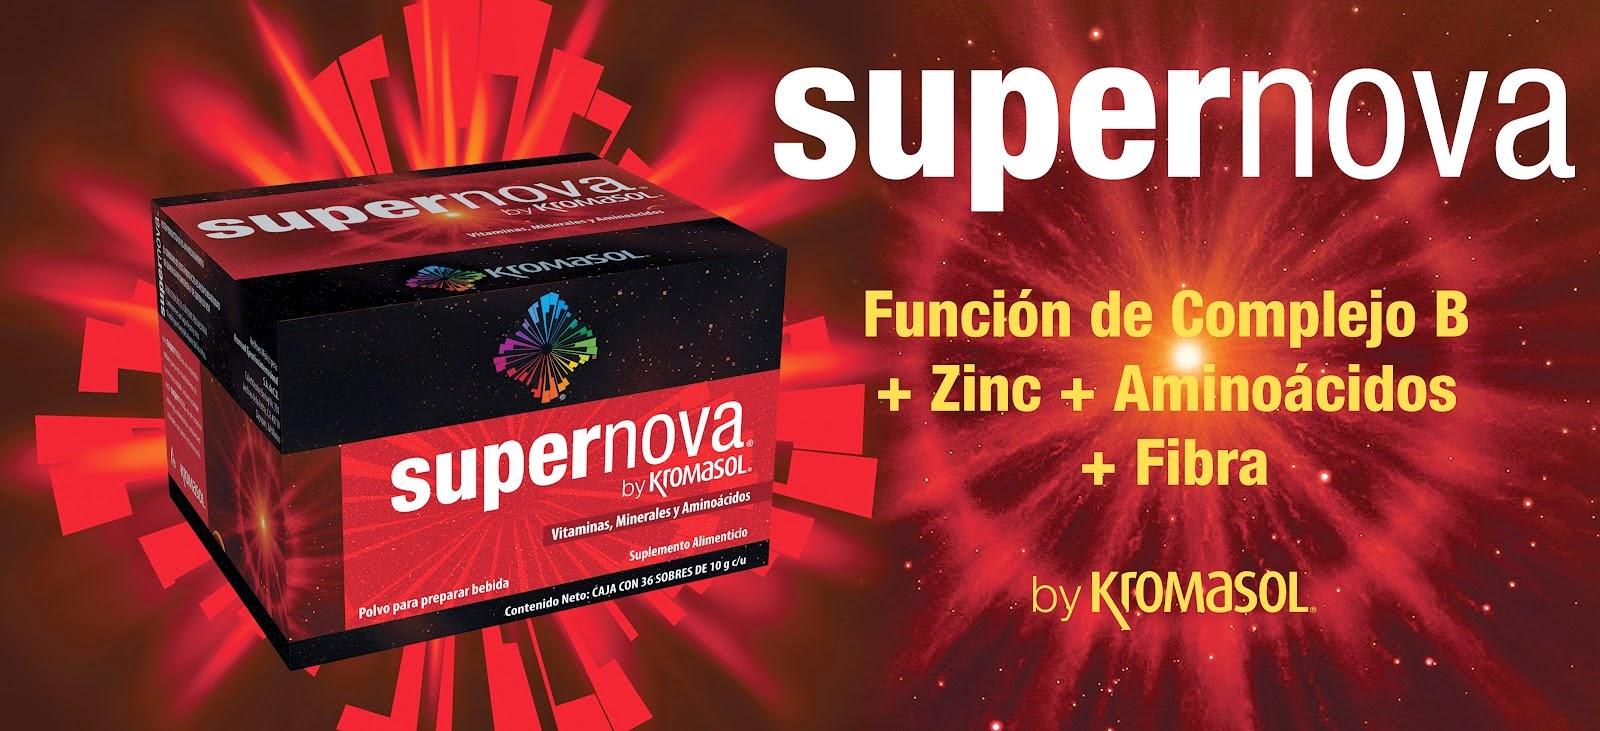 Supernova by kromasol sirve para bajar de peso – Comiendo